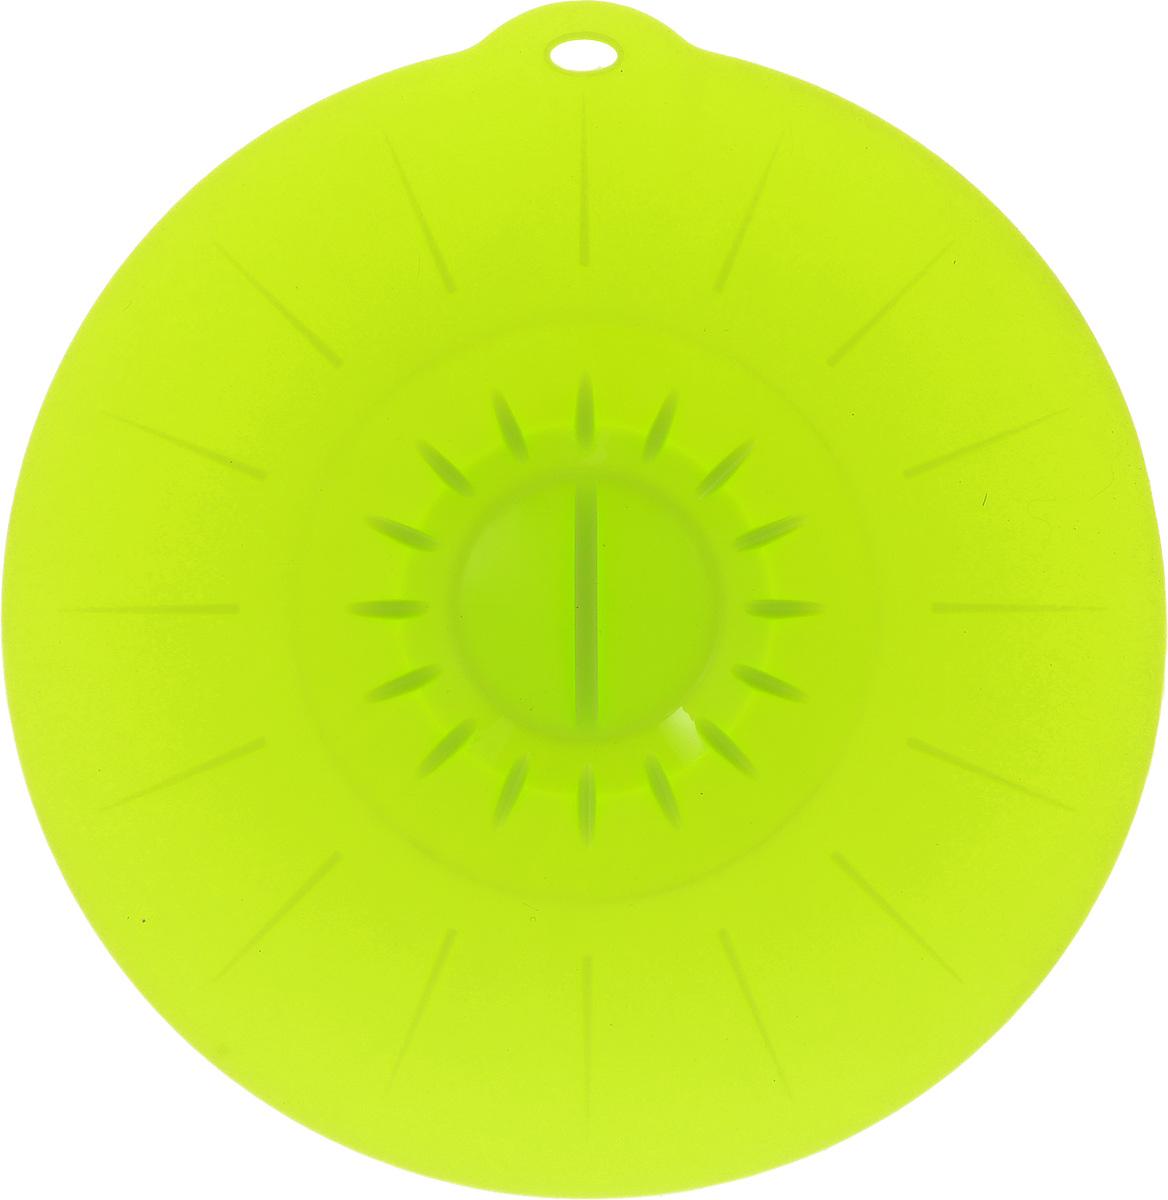 Крышка вакуумная Идея, силиконовая, цвет: салатовый. Диаметр 26 см115510Вакуумная крышка Идея, выполненная из пищевого силикона, предназначена для герметичного закрытия любой посуды. Крышка плотно прилегает к краям емкости, ограничивая доступ воздуха внутрь, благодаря этому ваши продукты останутся свежими гораздо дольше. Основные свойства: - выдерживает температуру от -40°С до +240°С, - невозможно разбить, - легко моется, - не деформируется при хранении в свернутом виде, - имеет долгий срок службы, сохраняя свой первоначальный вид, - не выделяет вредных веществ при нагревании или охлаждении, - не впитывает запахи, - не вступает в химическую реакцию с продуктами, - безопасна при использовании в микроволновой печи, в духовке и морозильной камере.Такая крышка станет незаменимым помощником на вашей кухне.